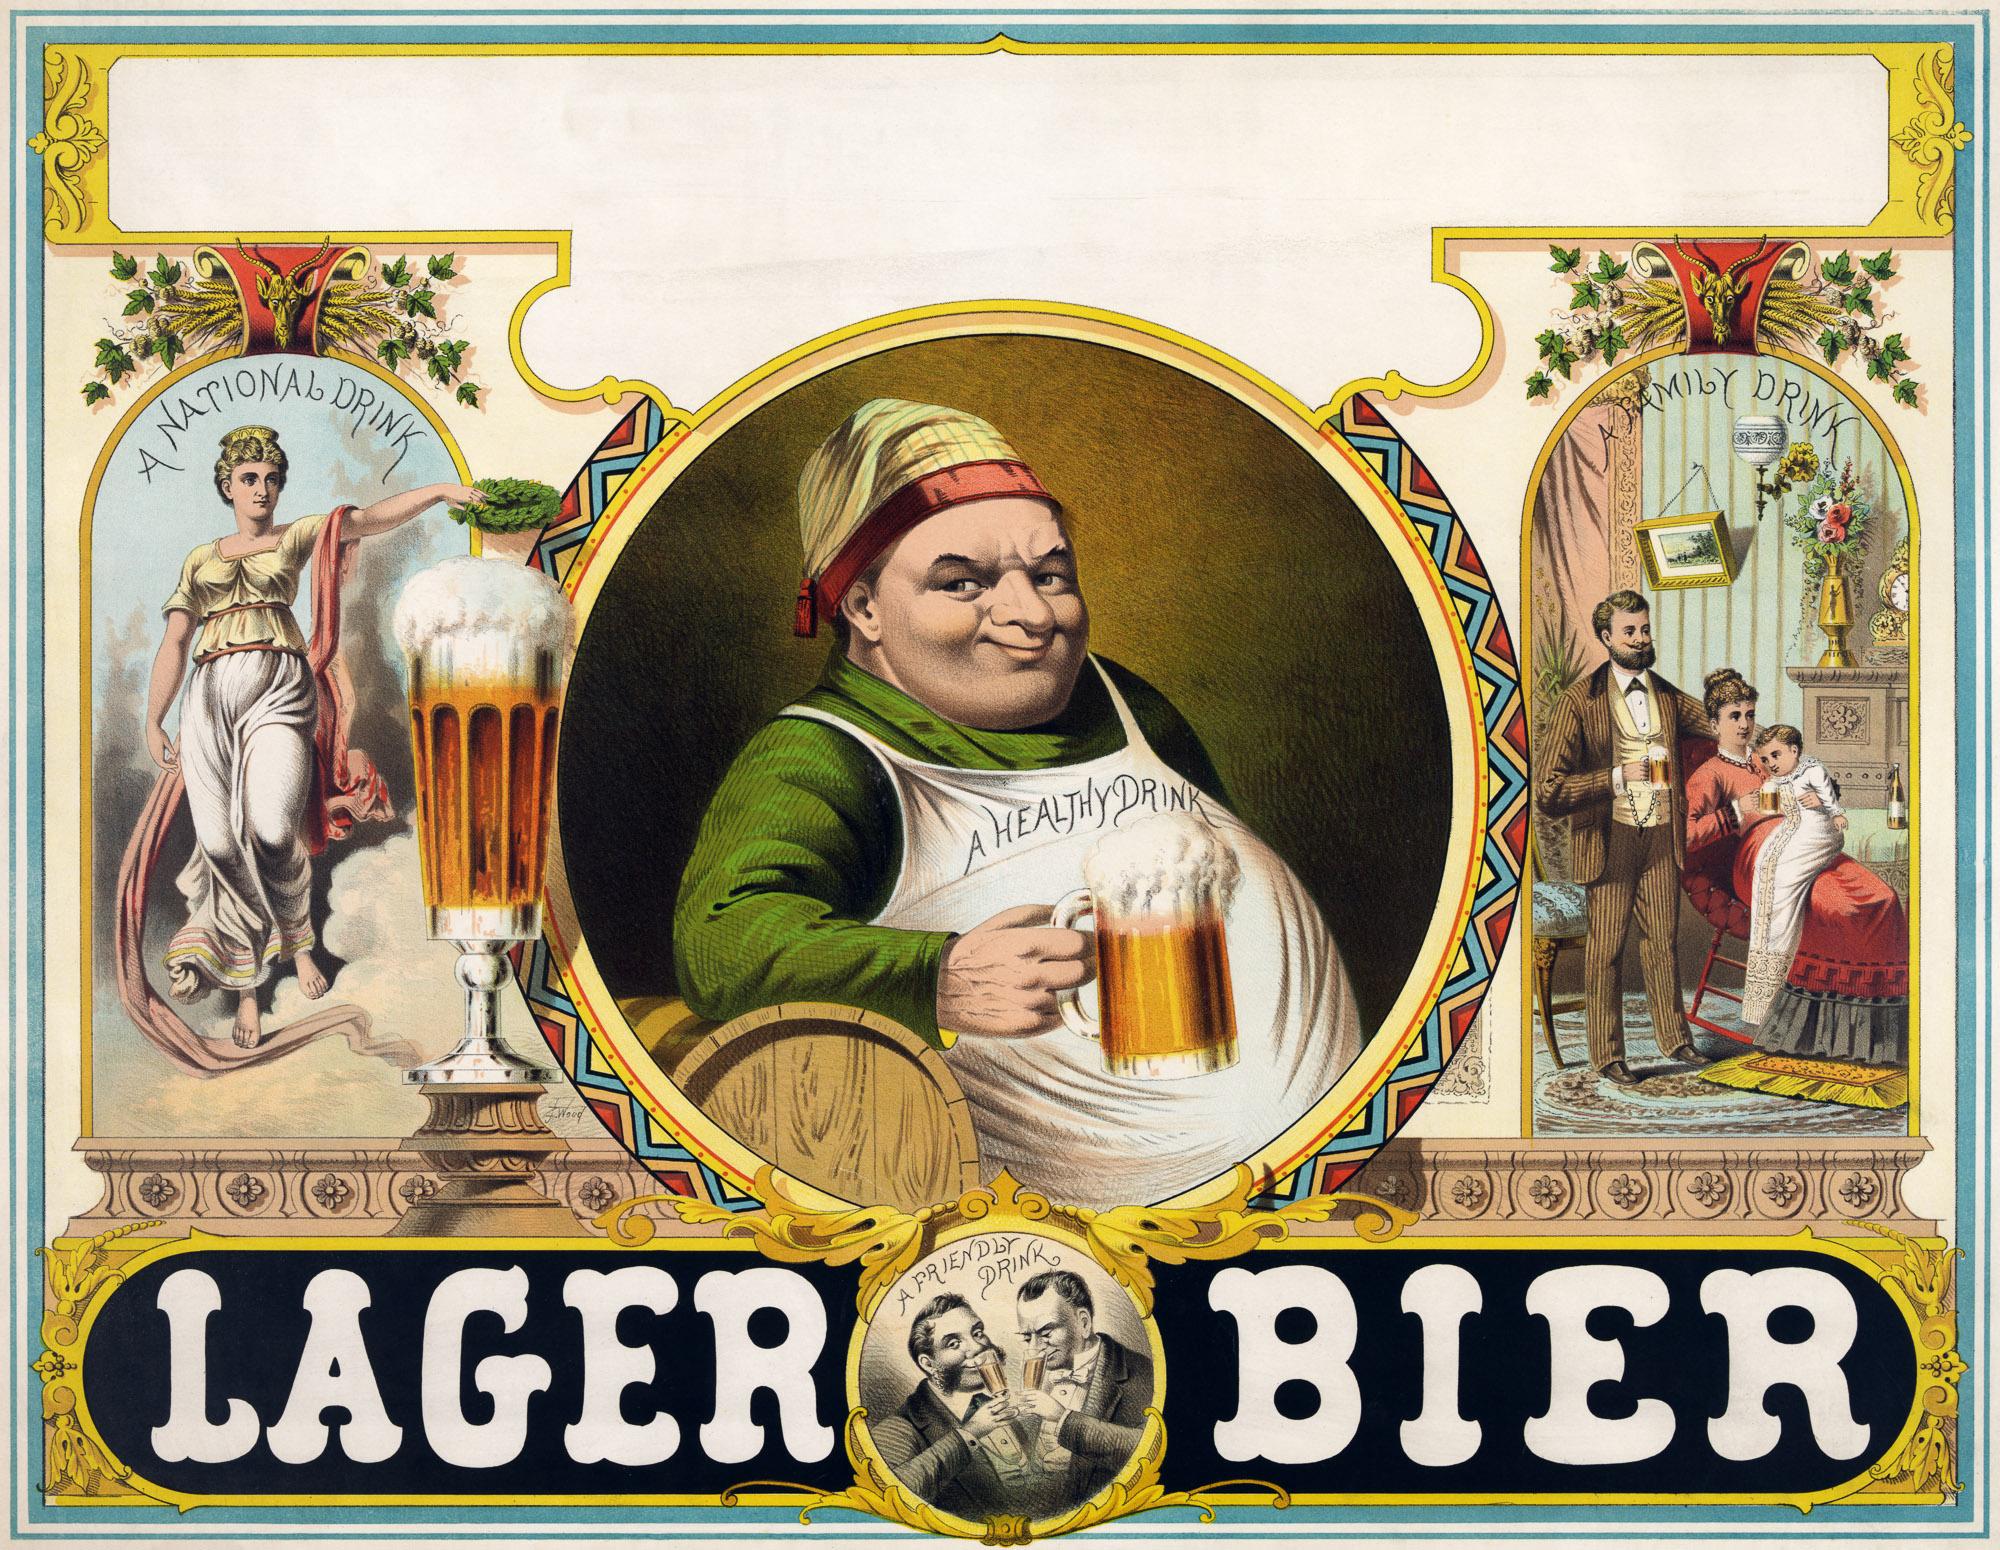 Lager_Bier_(LOC_pga.02166)